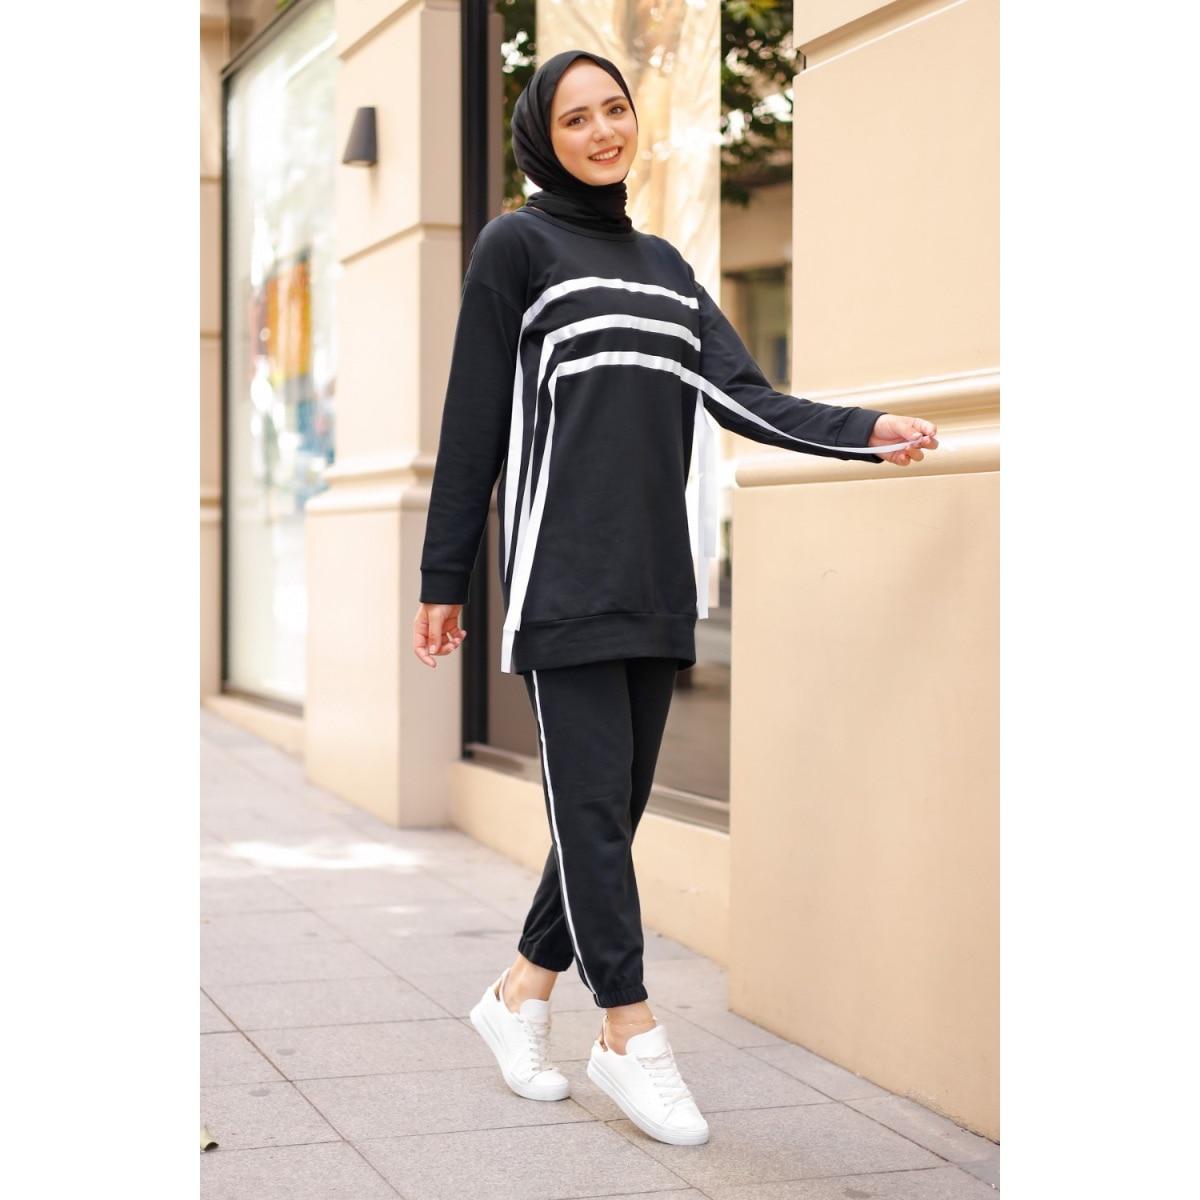 Мусульманская женская спортивная одежда, повседневная спортивная одежда, женская спортивная одежда, хиджаб, двойной мусульманский комплек...